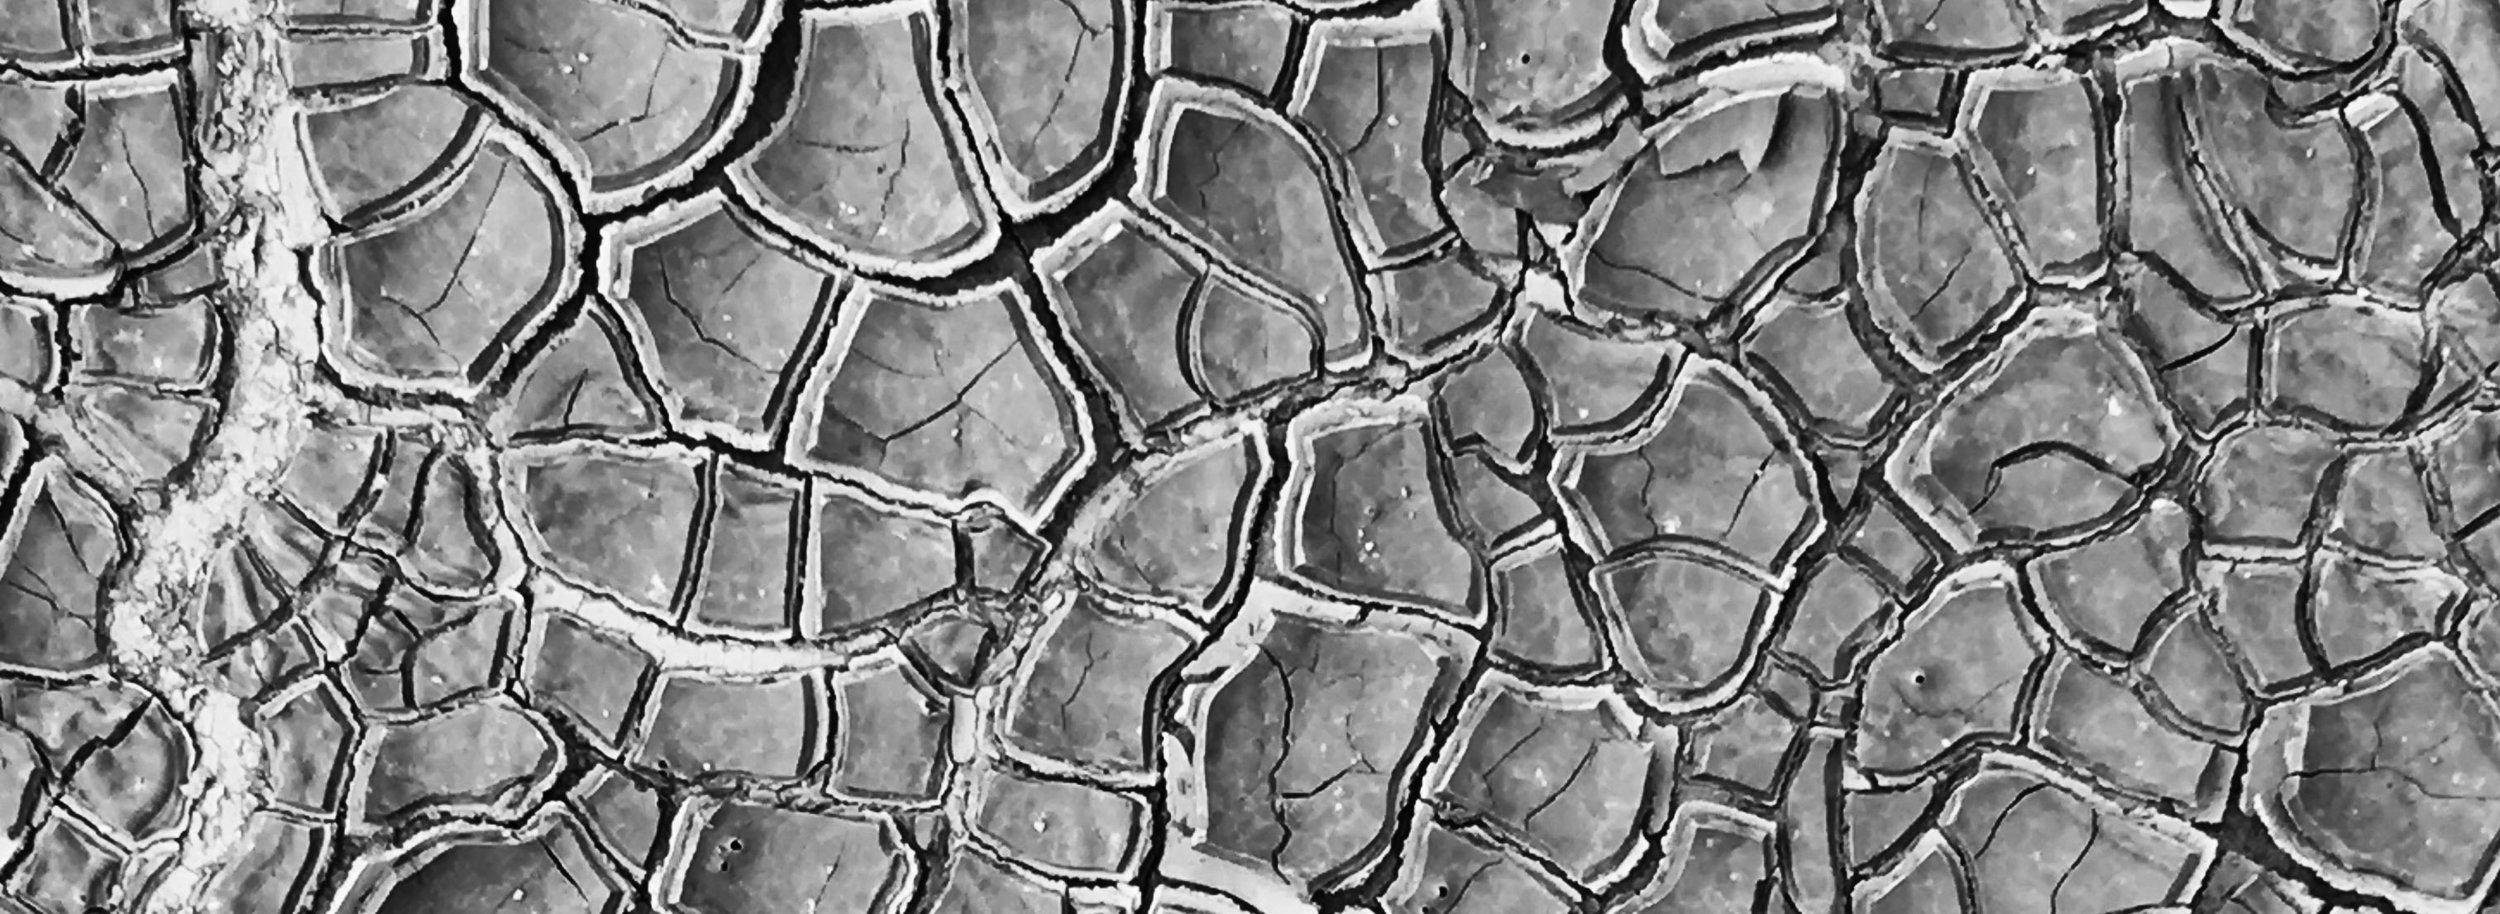 clay pans bn w.jpg